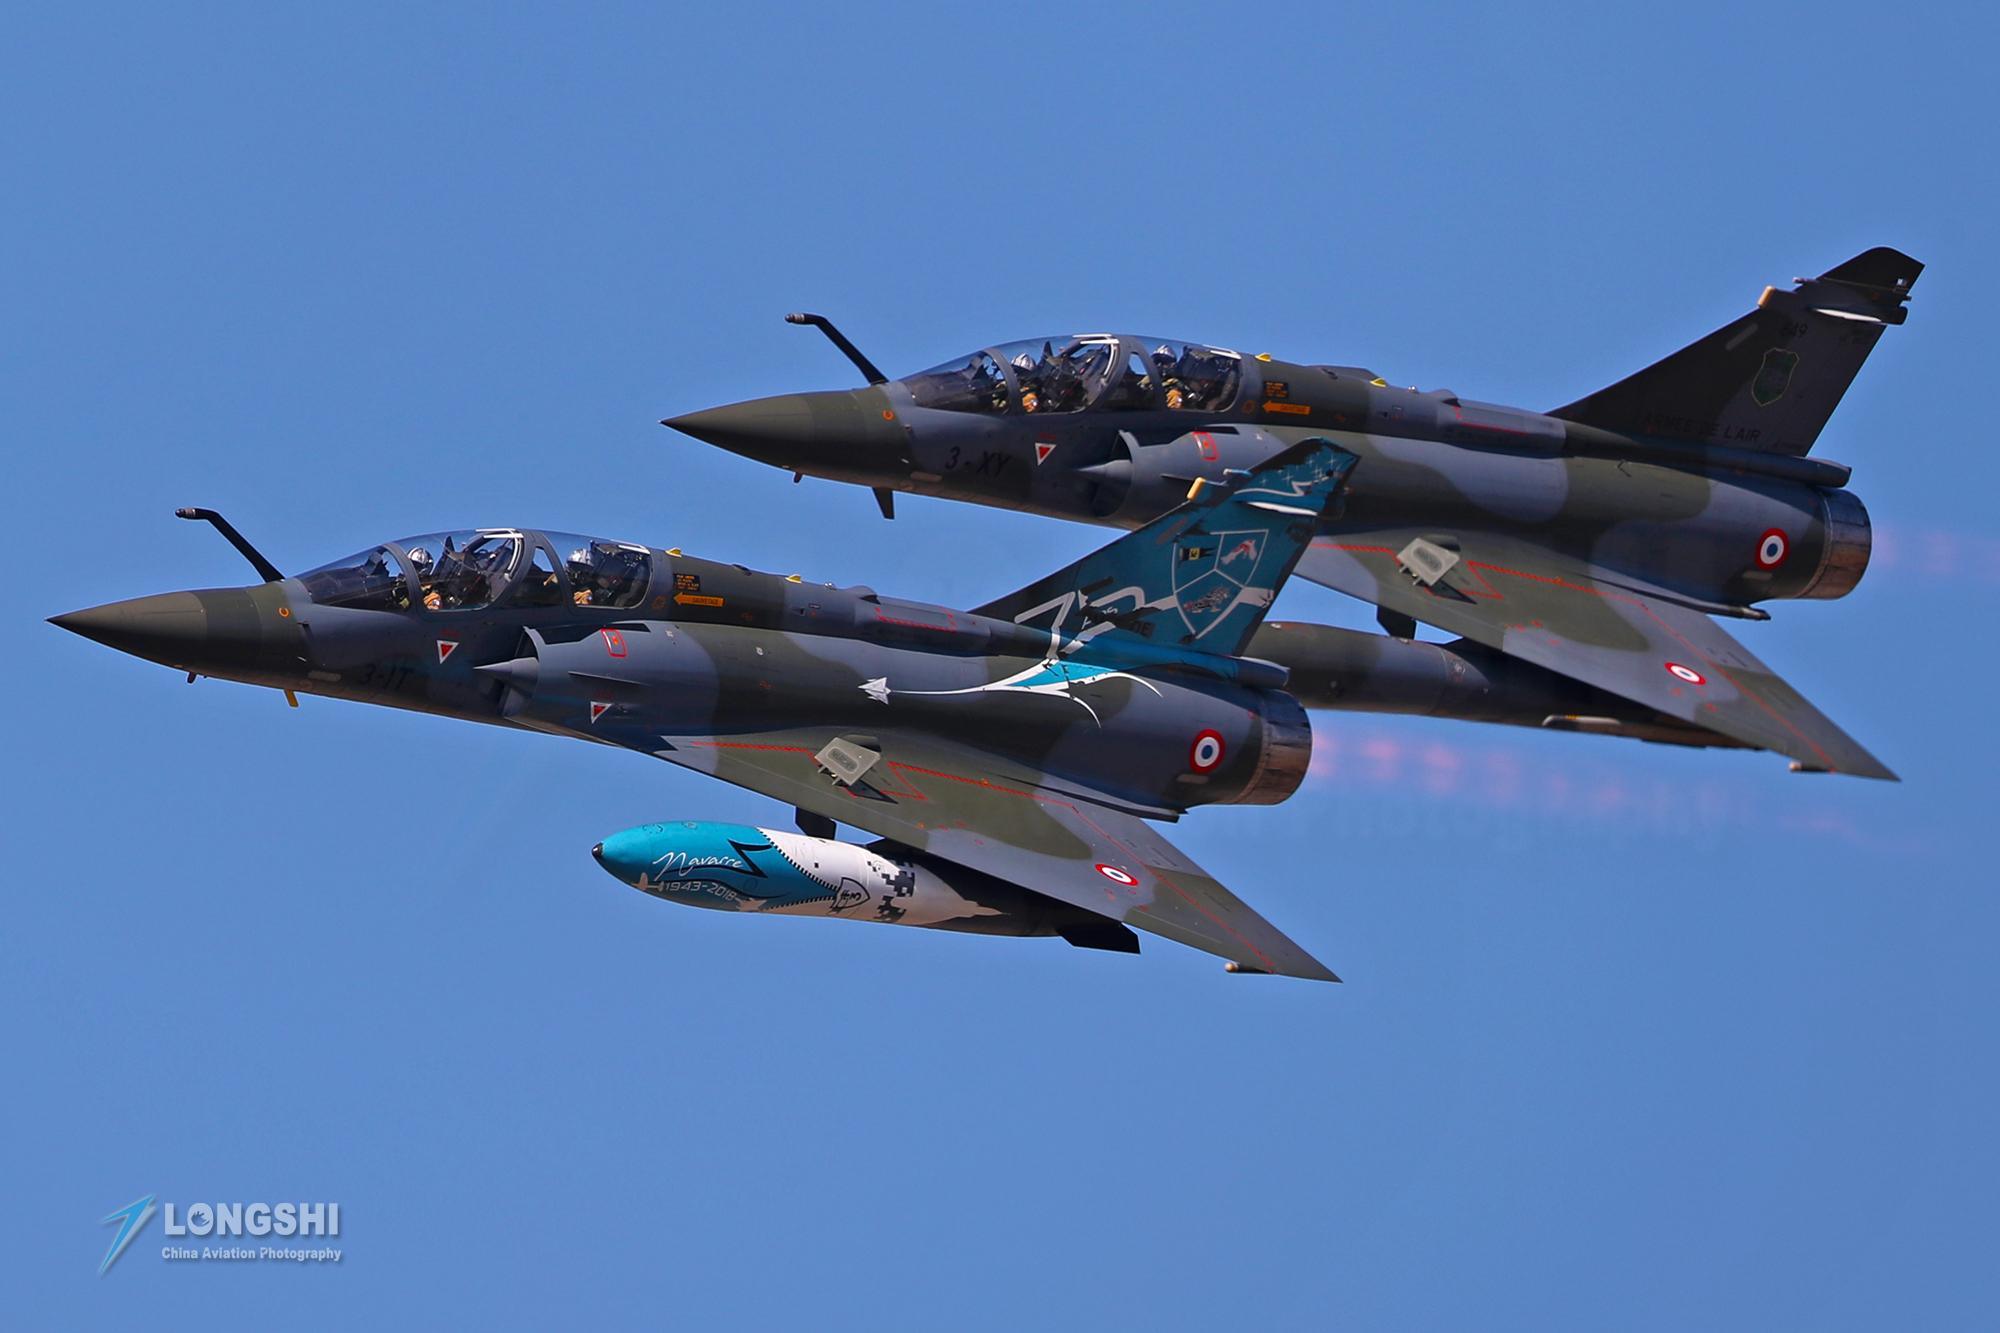 黑海警报频繁响起,法国战斗机也来碰瓷,俄罗斯空军已经疲于奔命